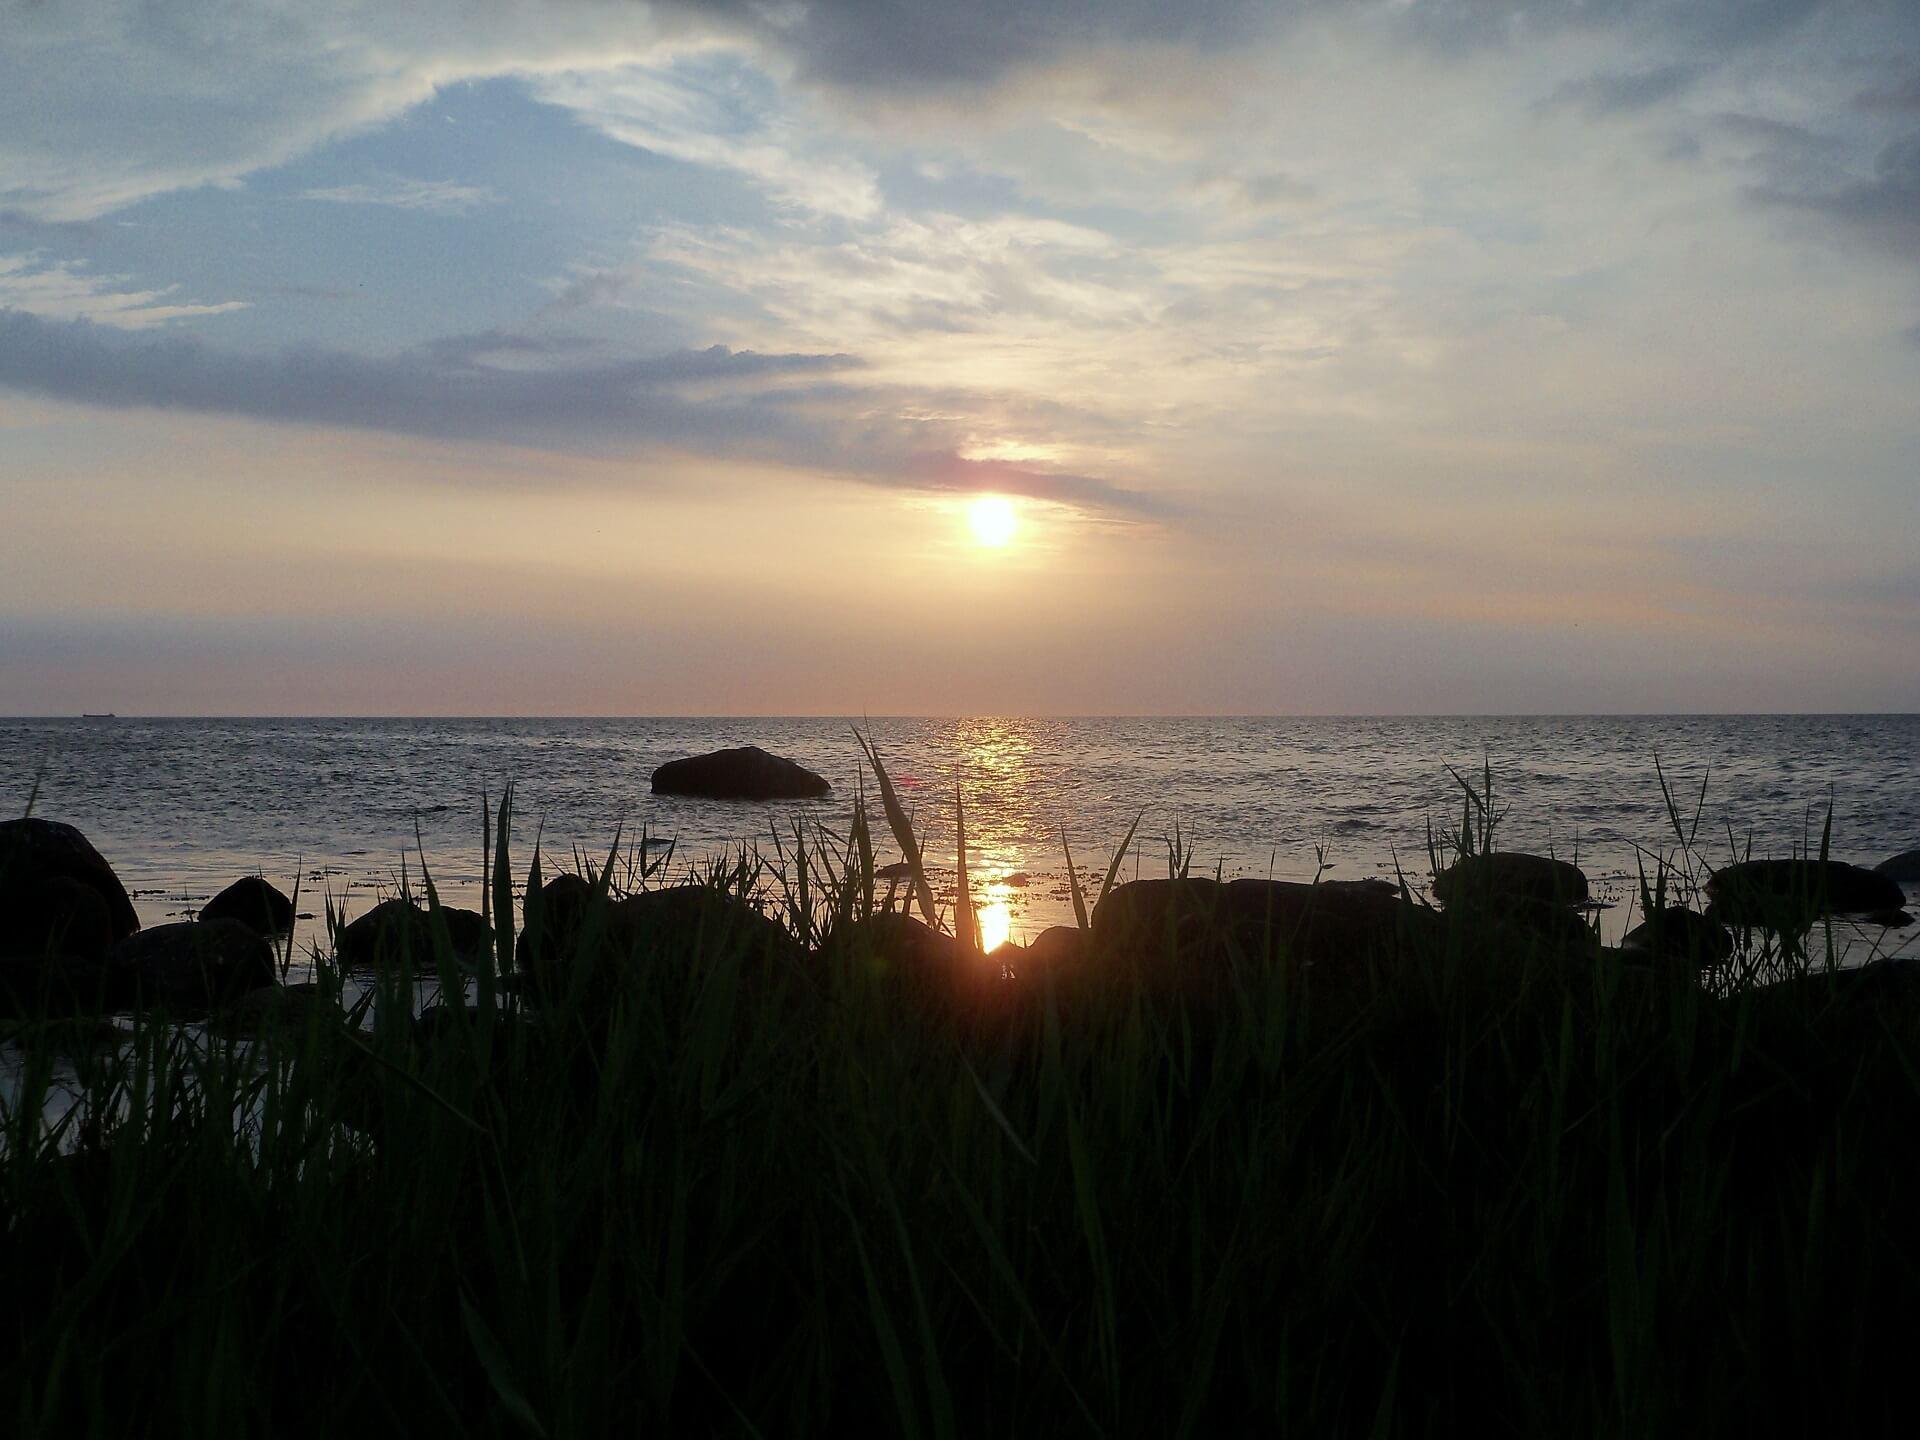 Park Narodowy Jasmund nawyspie Rugia